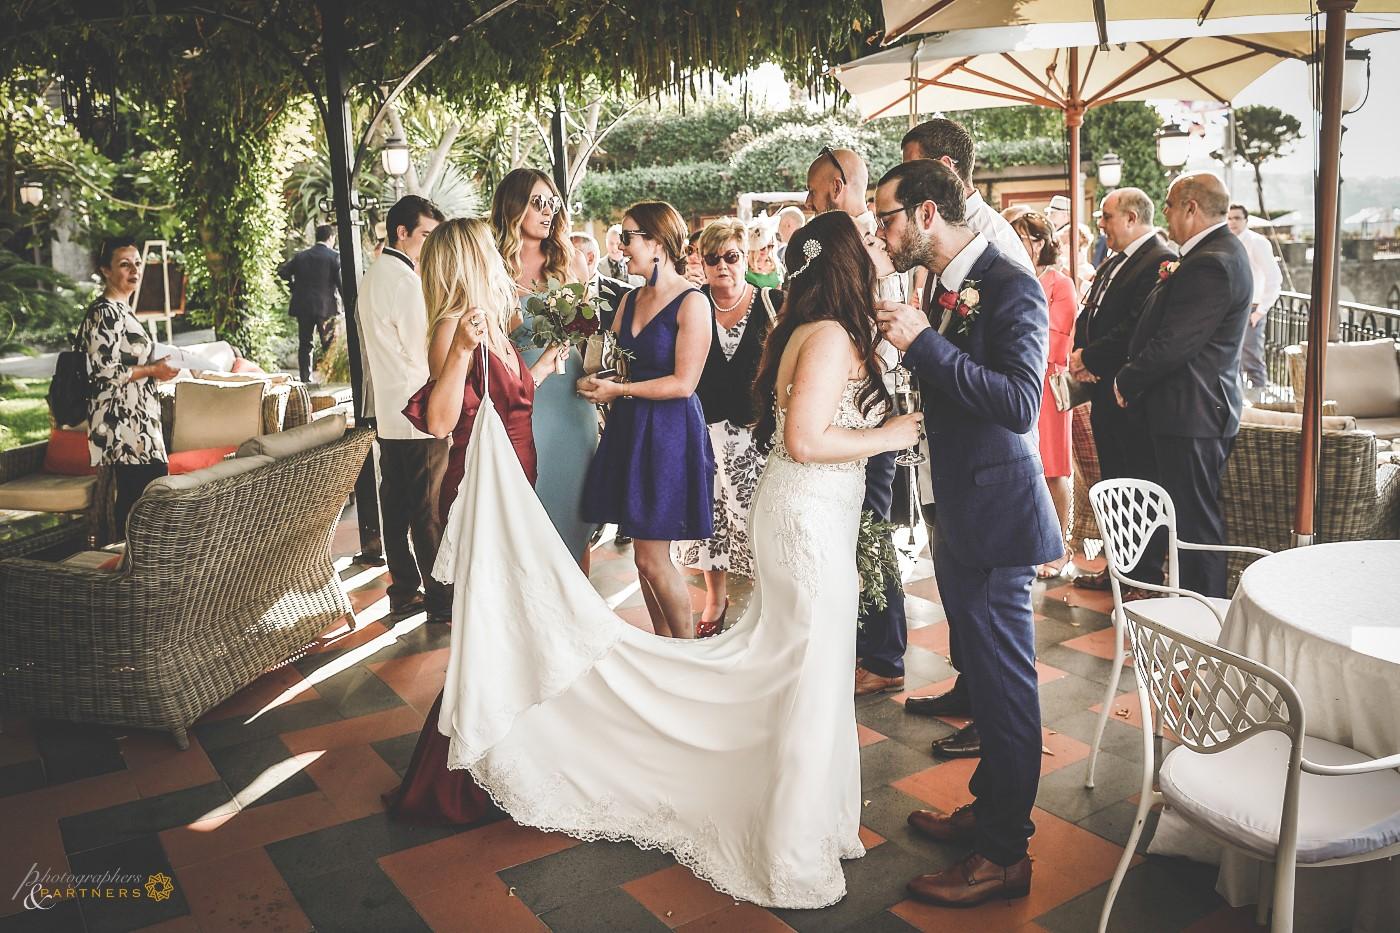 I kiss the bride 💋